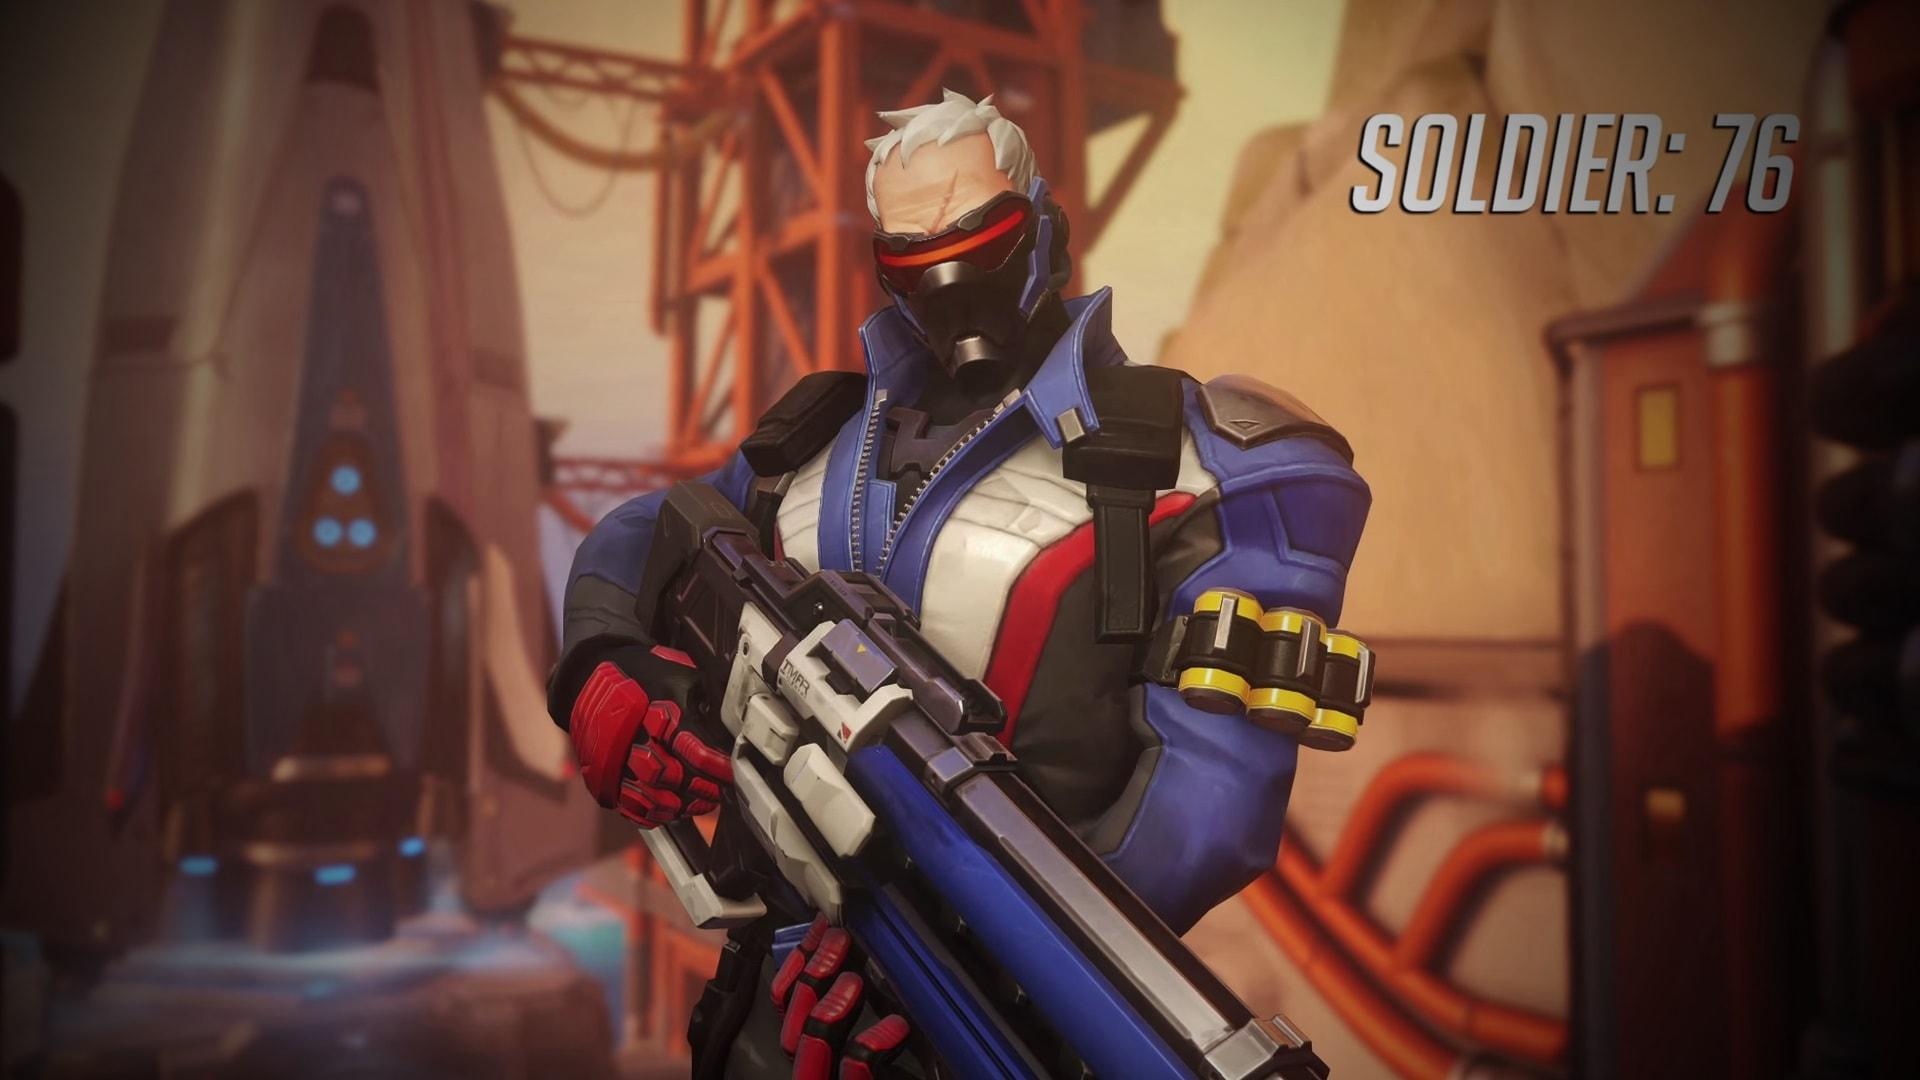 Overwatch : Soldier: 76 Desktop wallpapers